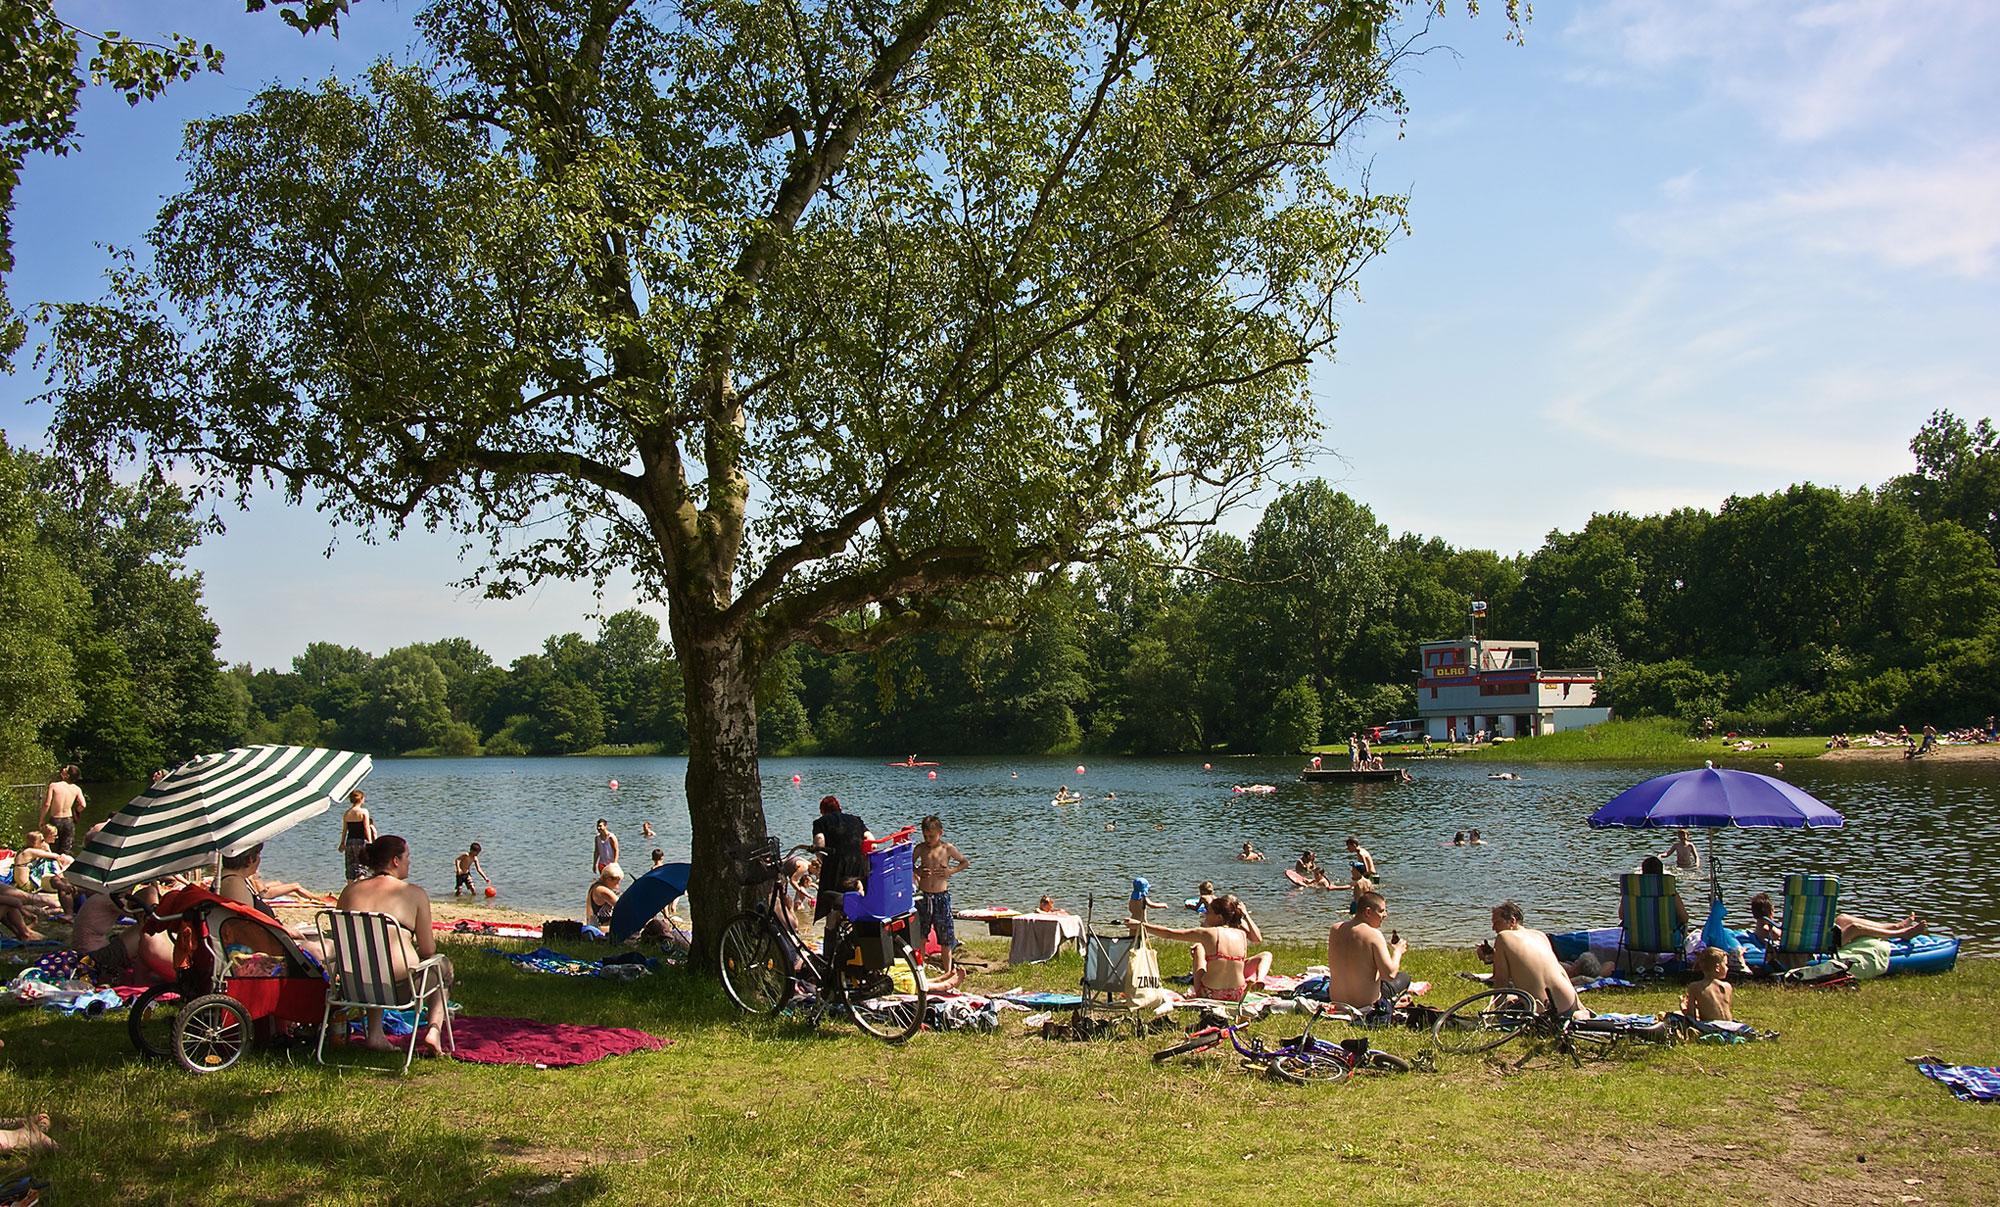 Menschen in Badebekleidung genießen den Sommer auf einer Wiese am Achterdieksee.